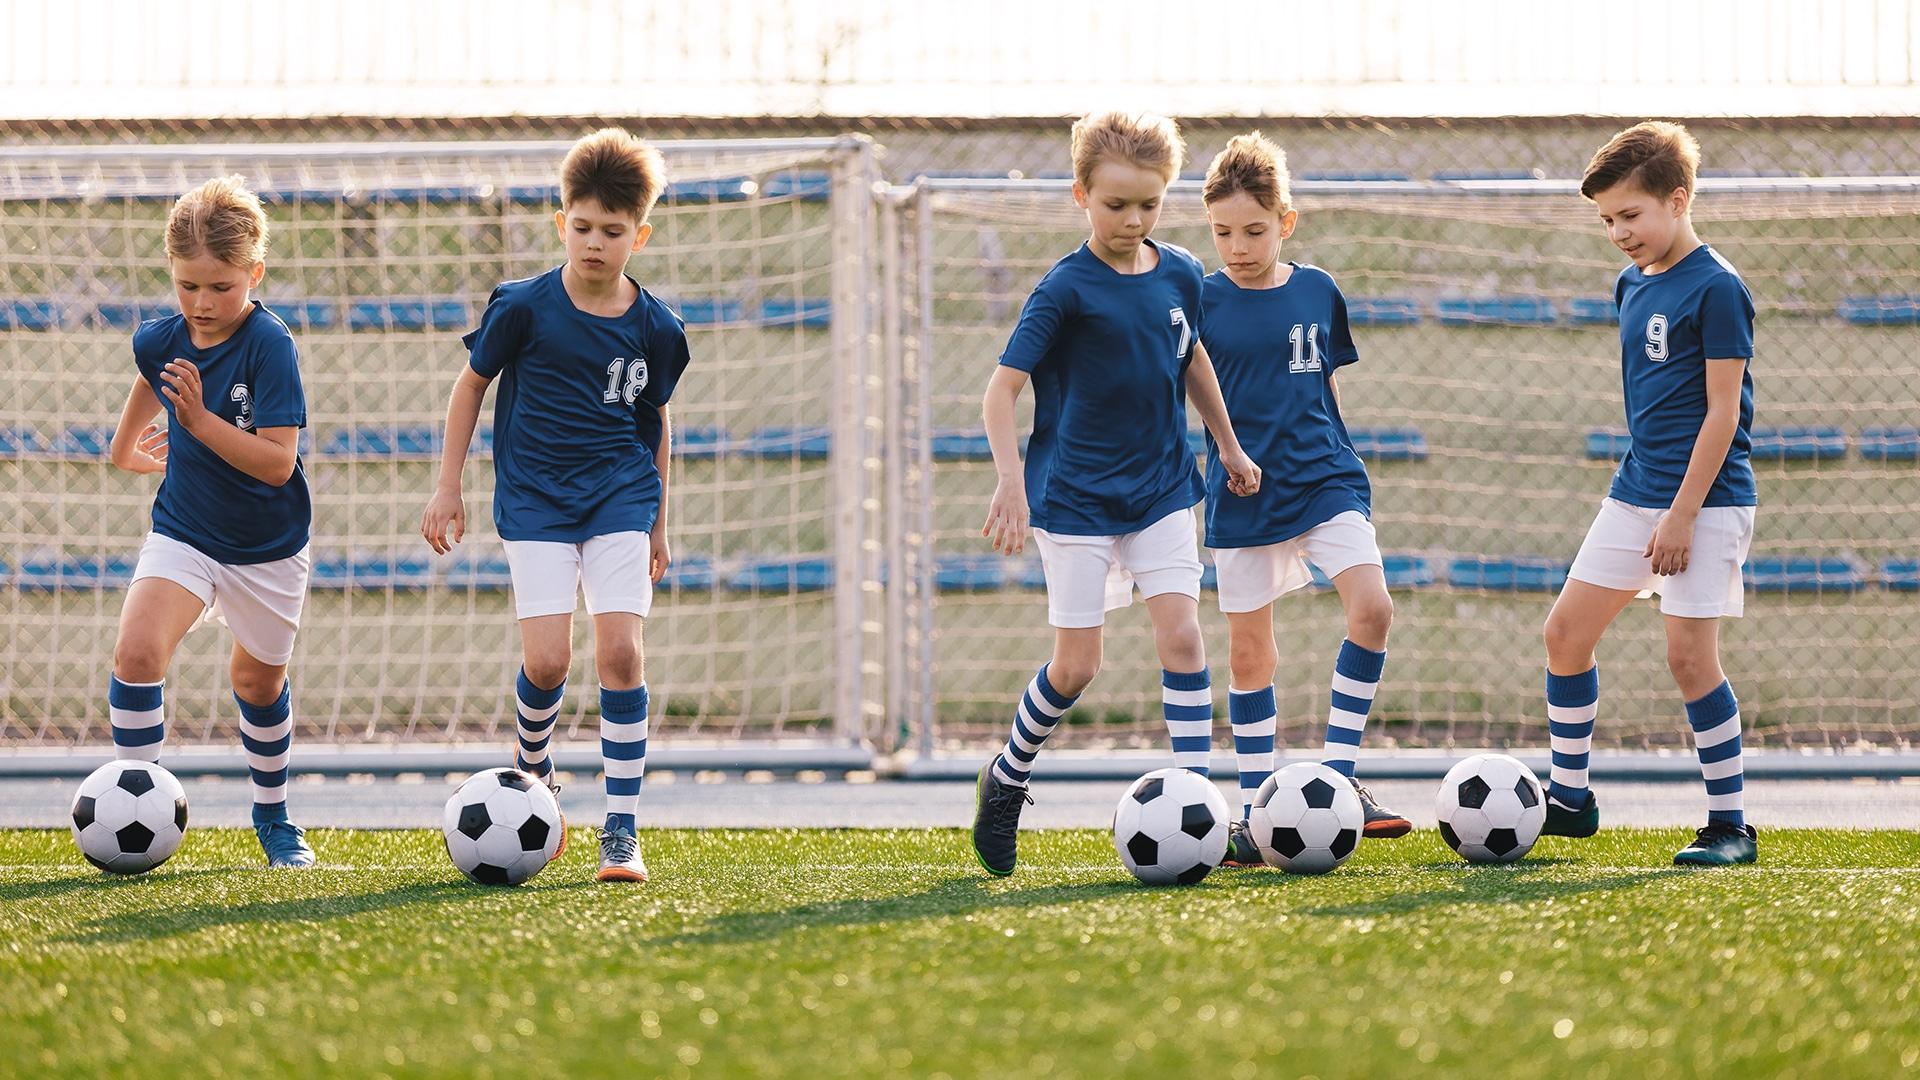 You are currently viewing Par quelles périodes de développement un joueur de football passe-t-il ?